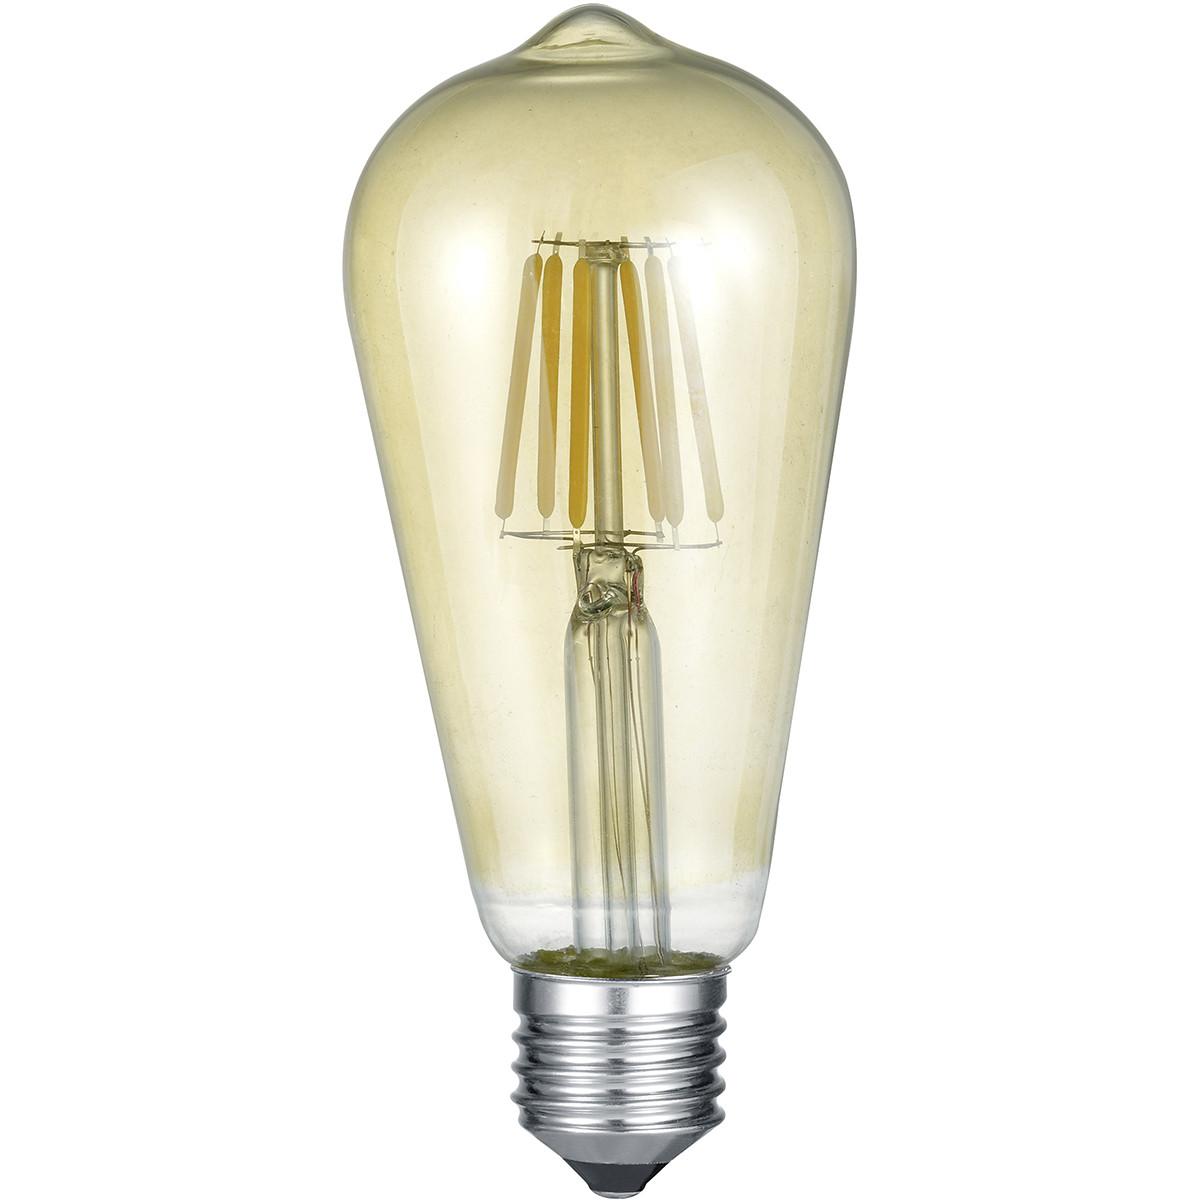 LED Lamp - Filament - Trion Kalon - E27 Fitting - 6W - Warm Wit 2700K - Amber - Aluminium